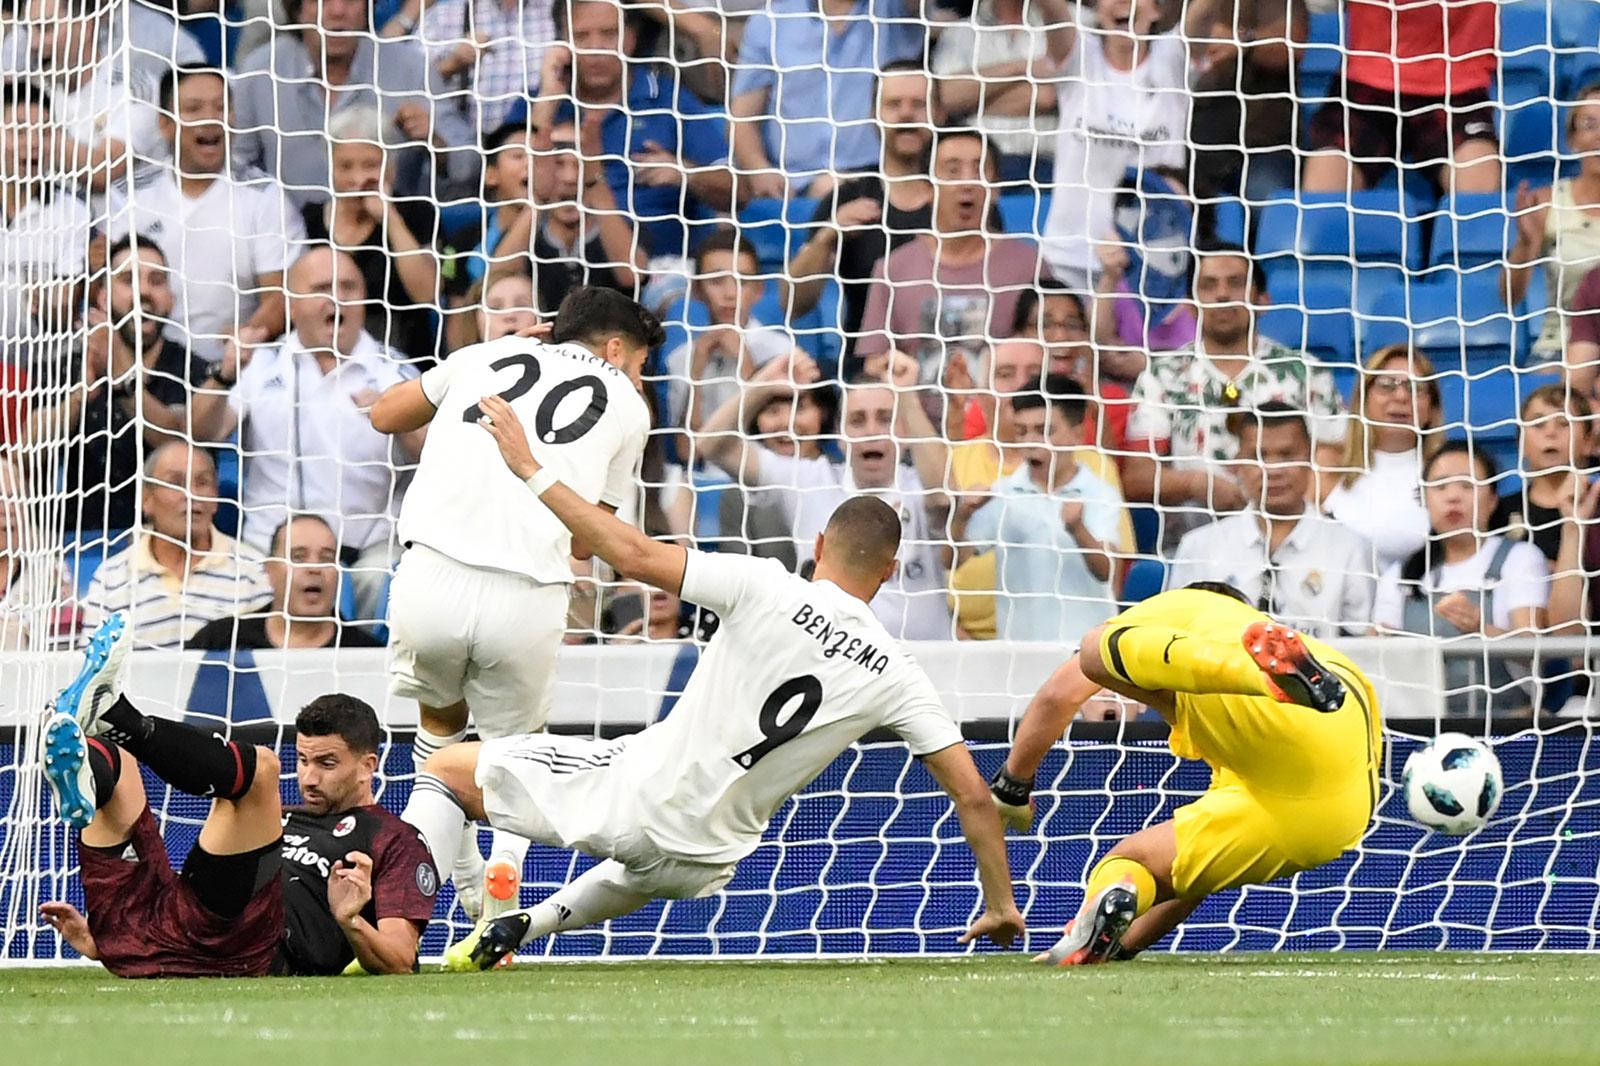 Karim Benzema scoring during Real Madrid-Milan at Estadio Santiago Bernabéu on August 11, 2018. (GABRIEL BOUYS/AFP/Getty Images)